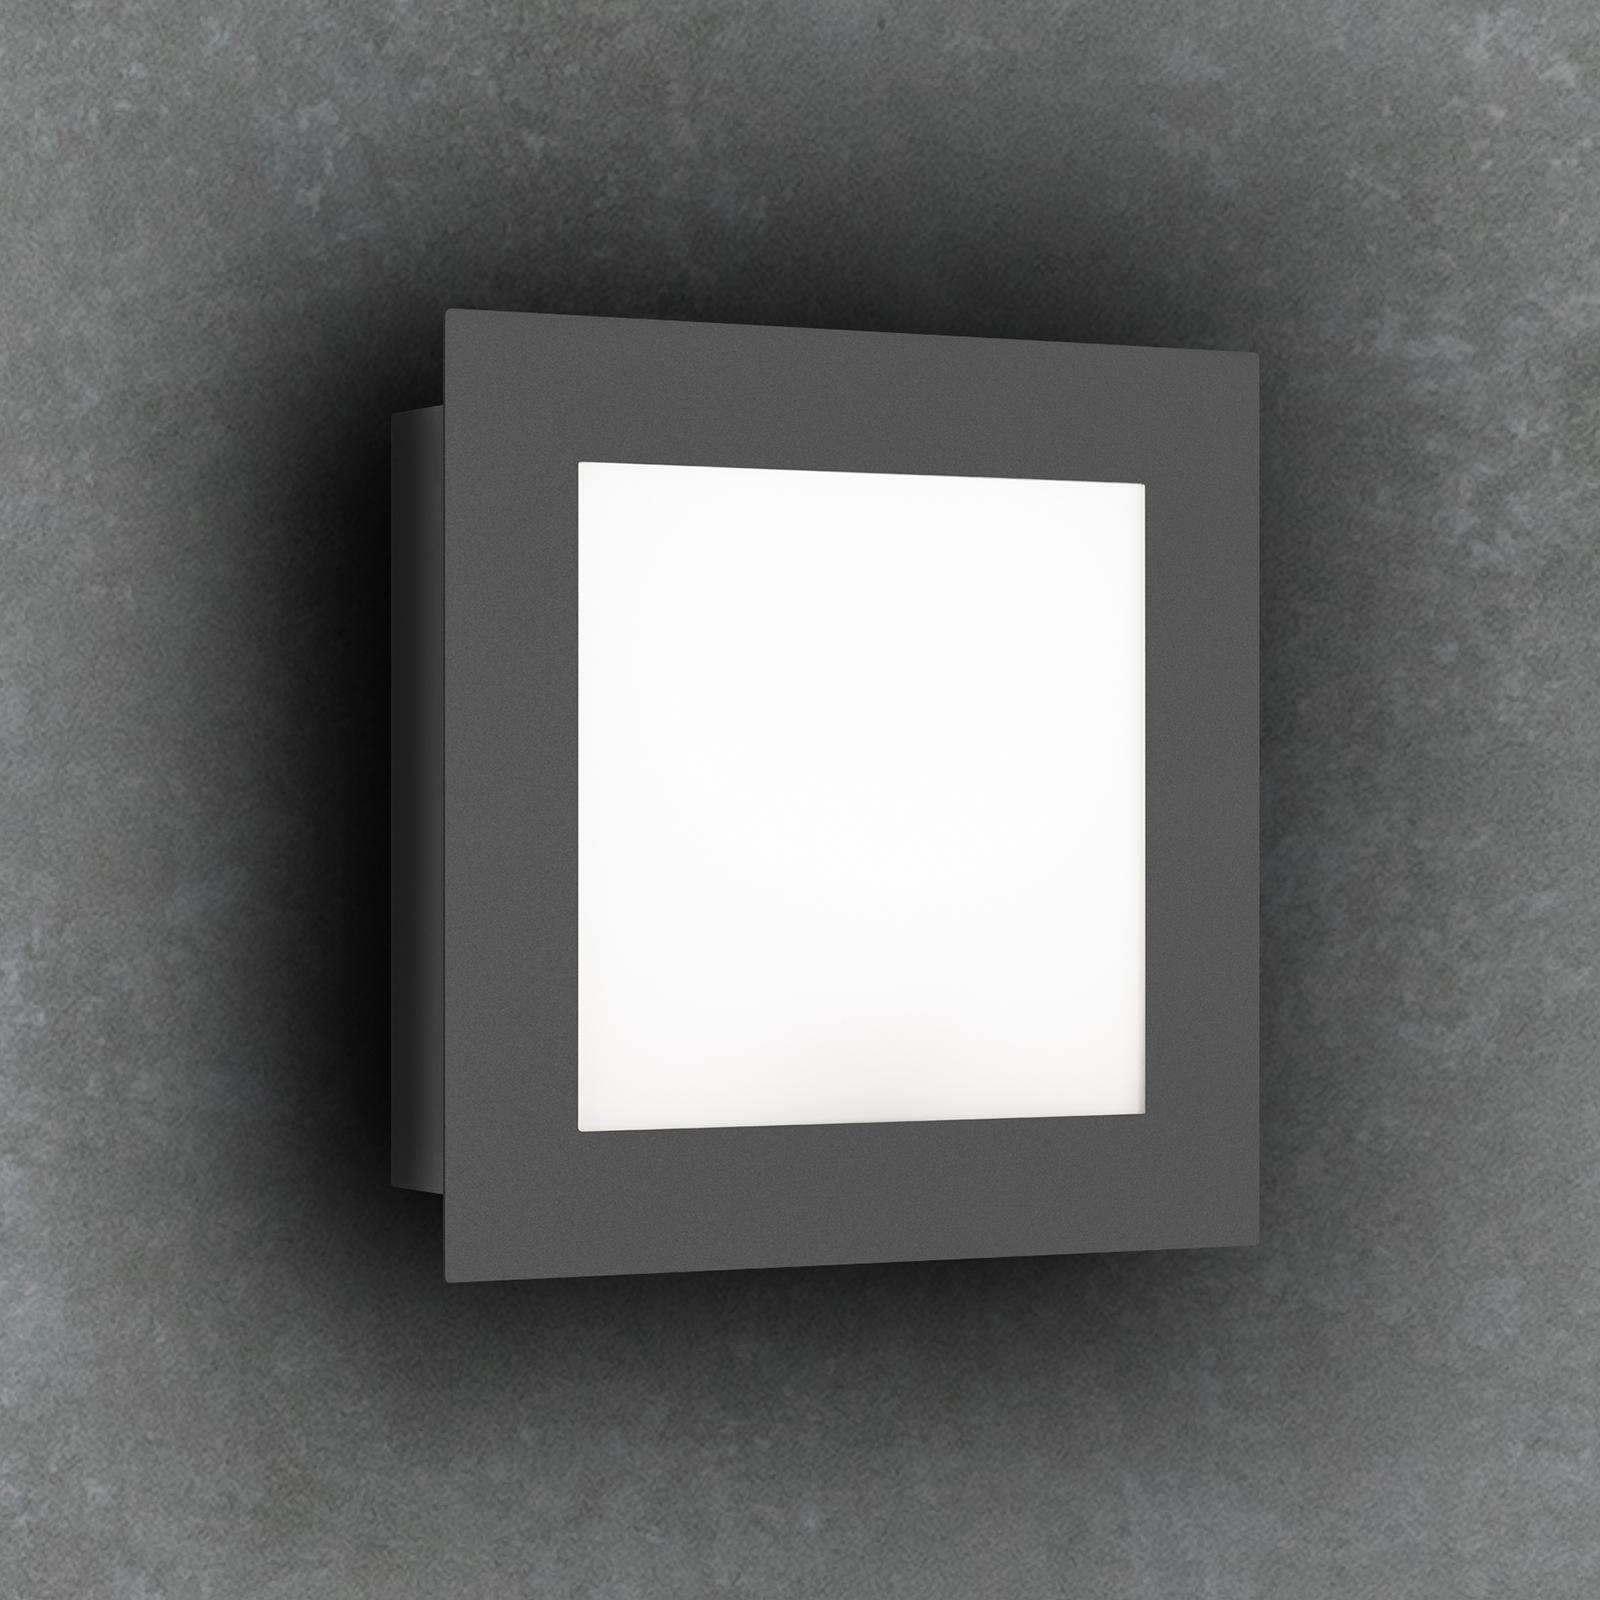 Applique d'extérieur LED 3007LED, graphite